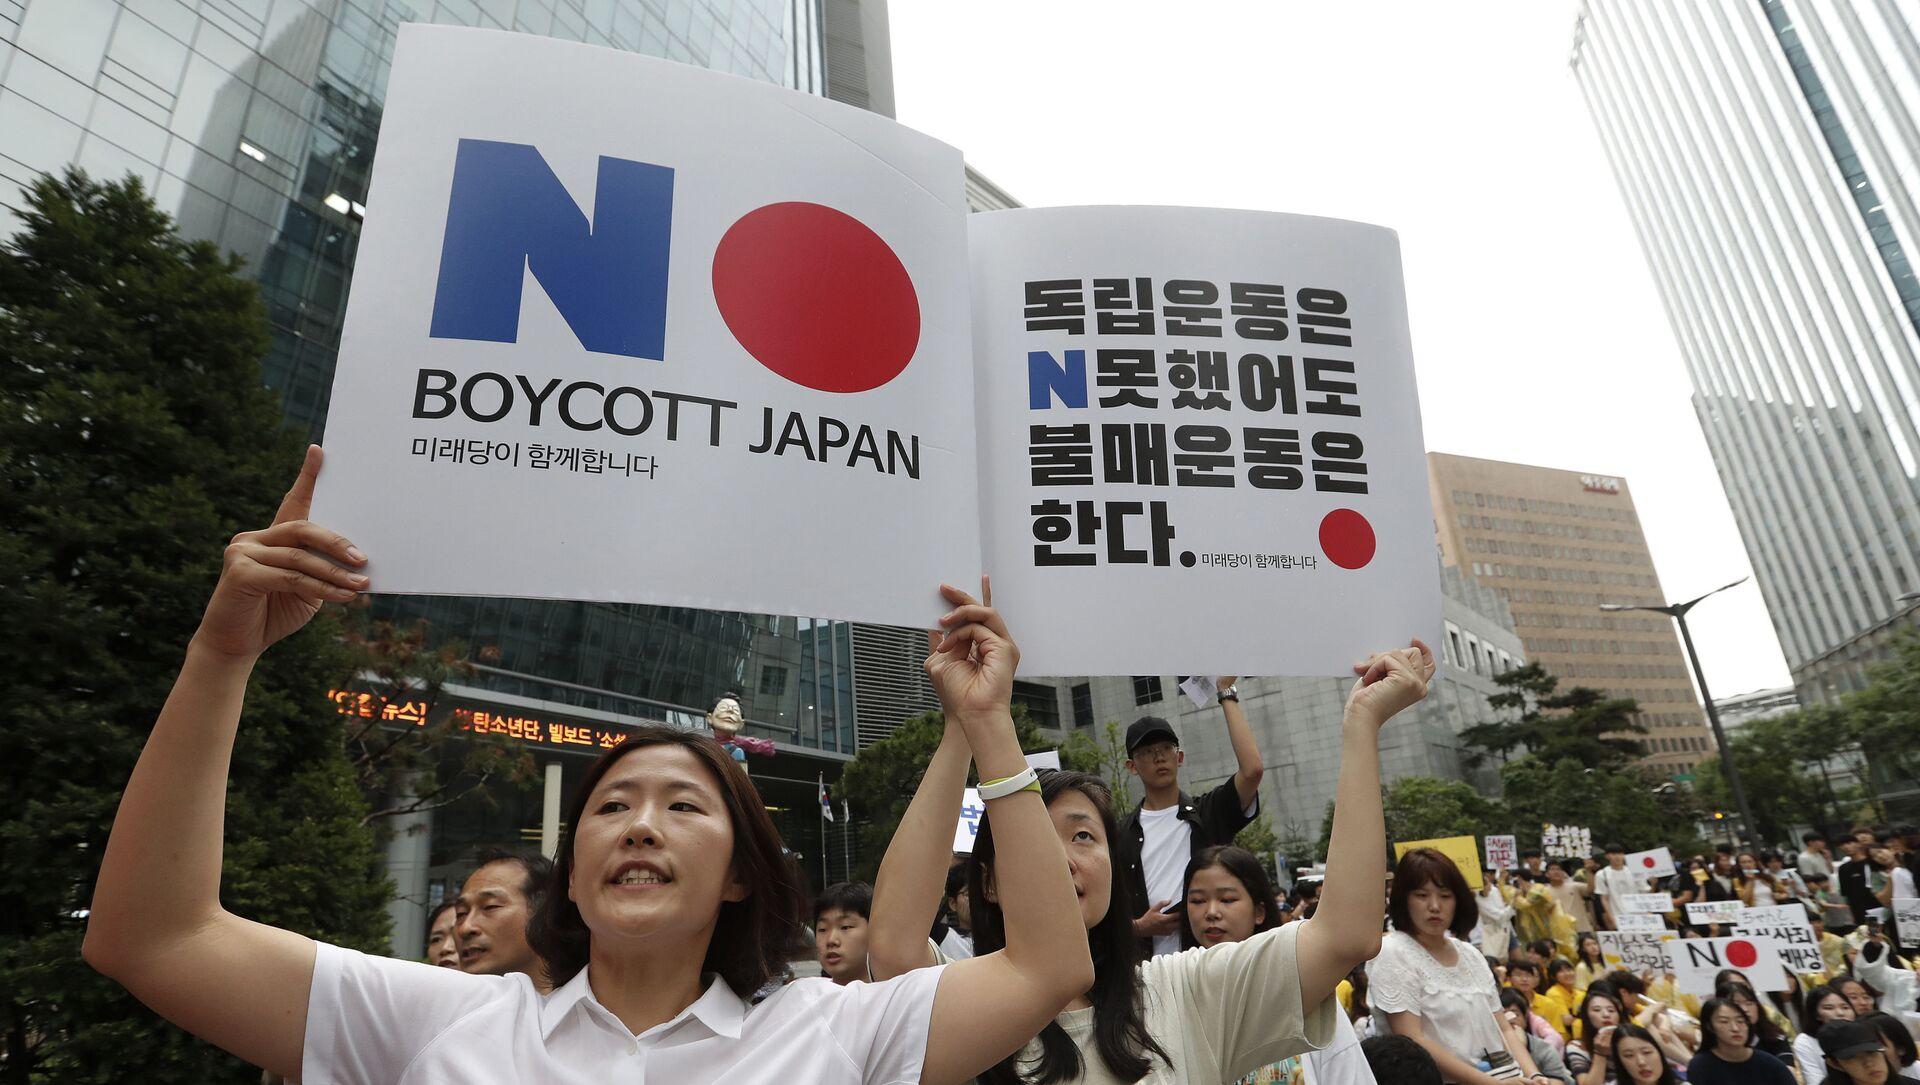 日本製品の不買運動(ソウル、2019年) - Sputnik 日本, 1920, 29.06.2021